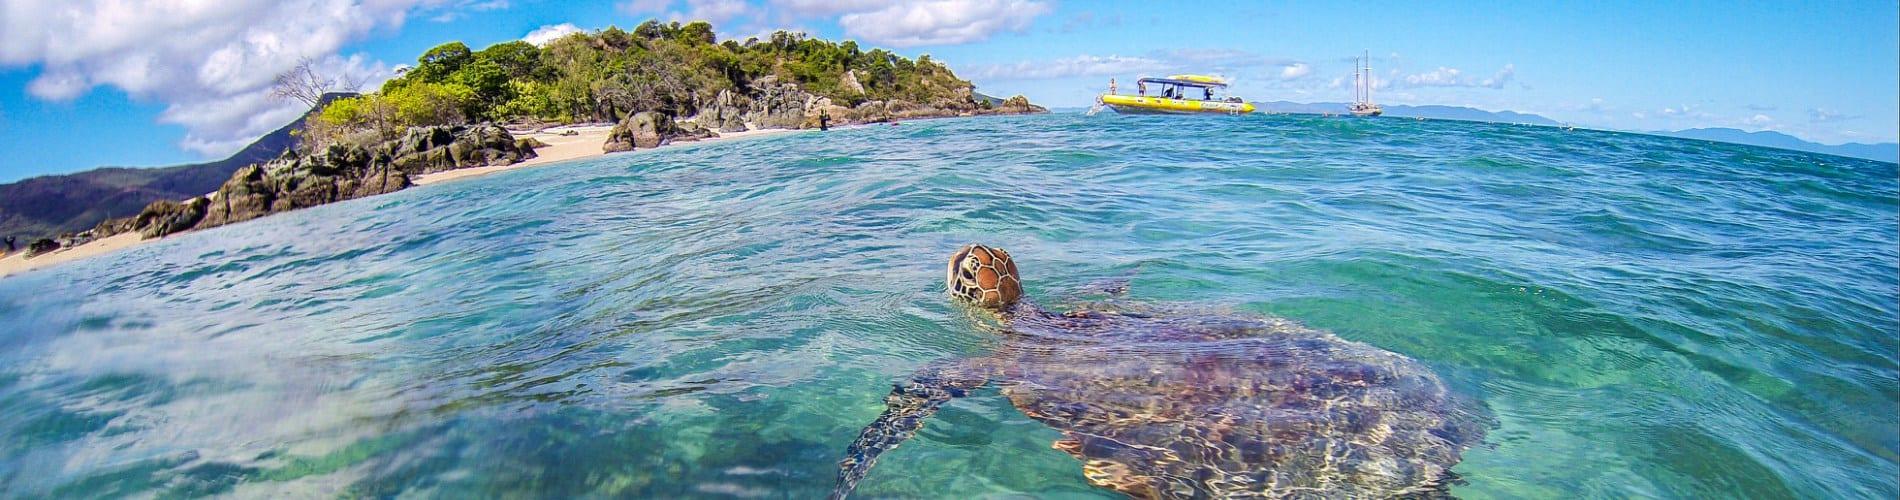 whitsunday island tours